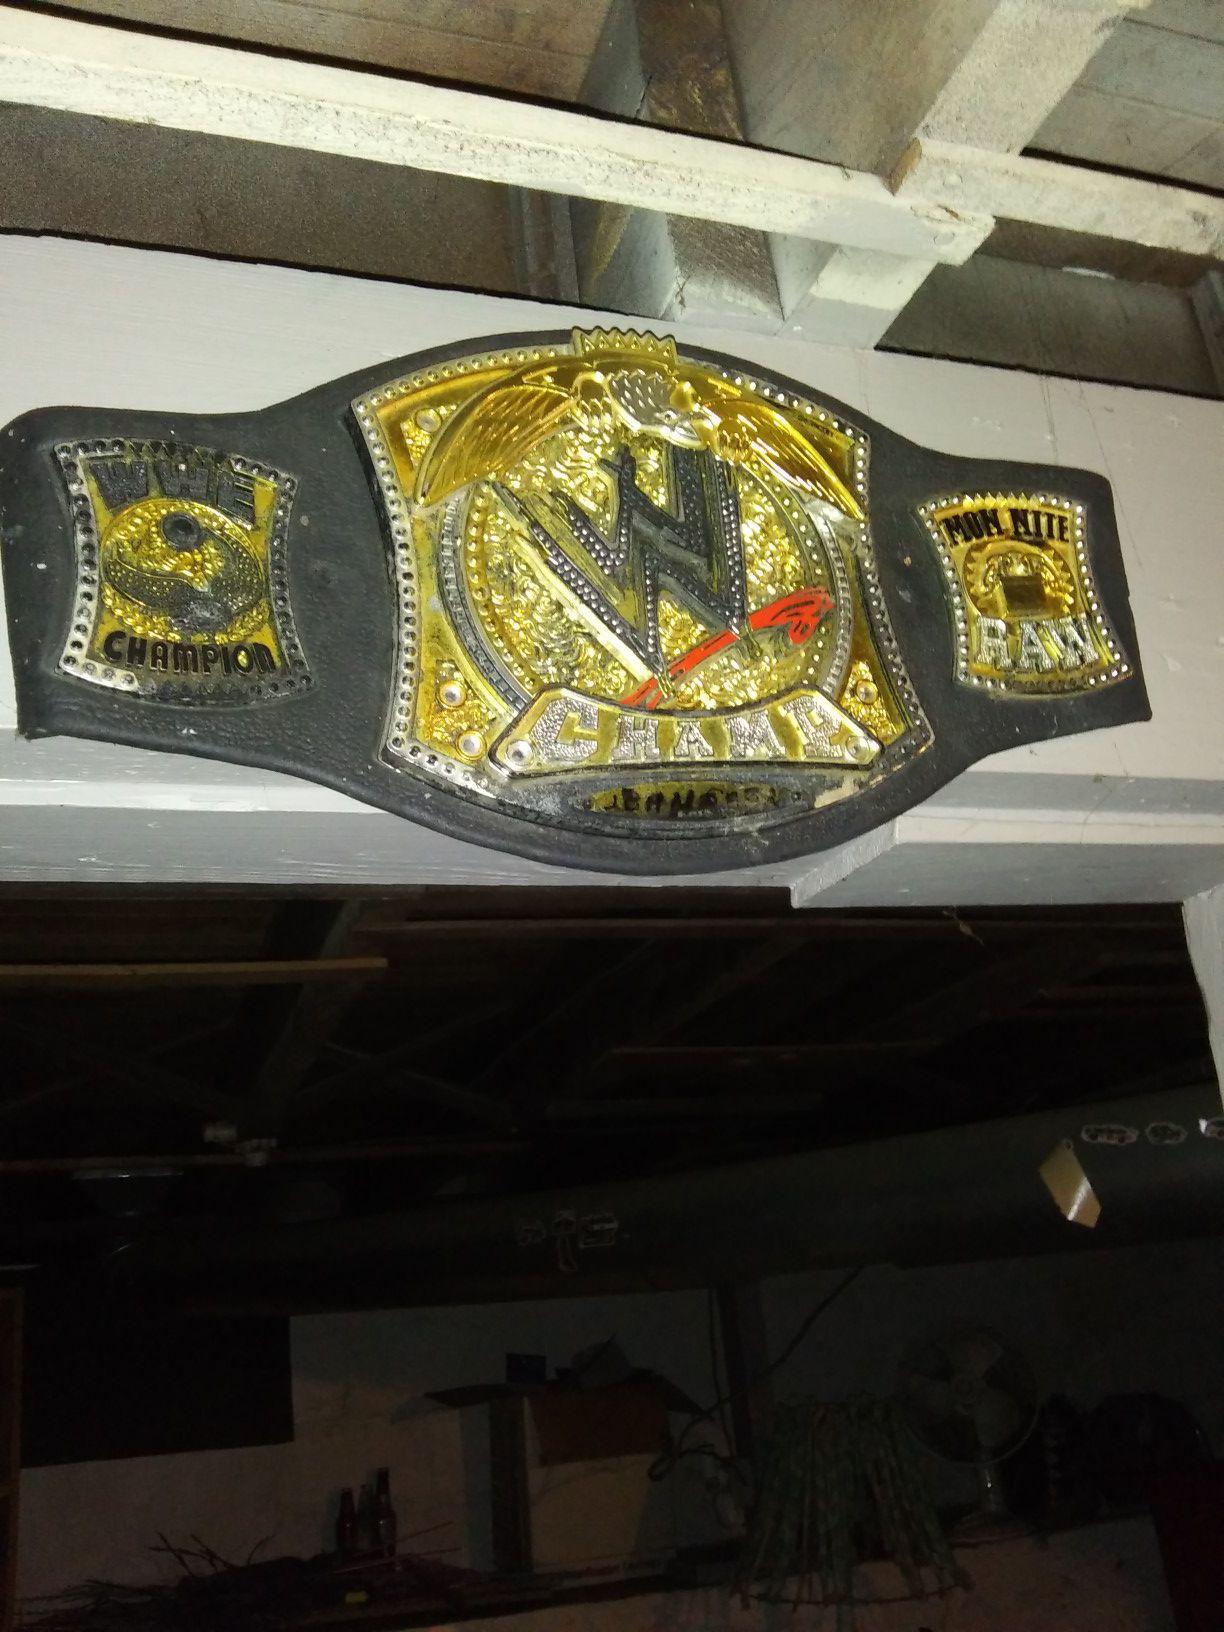 Wwe belt